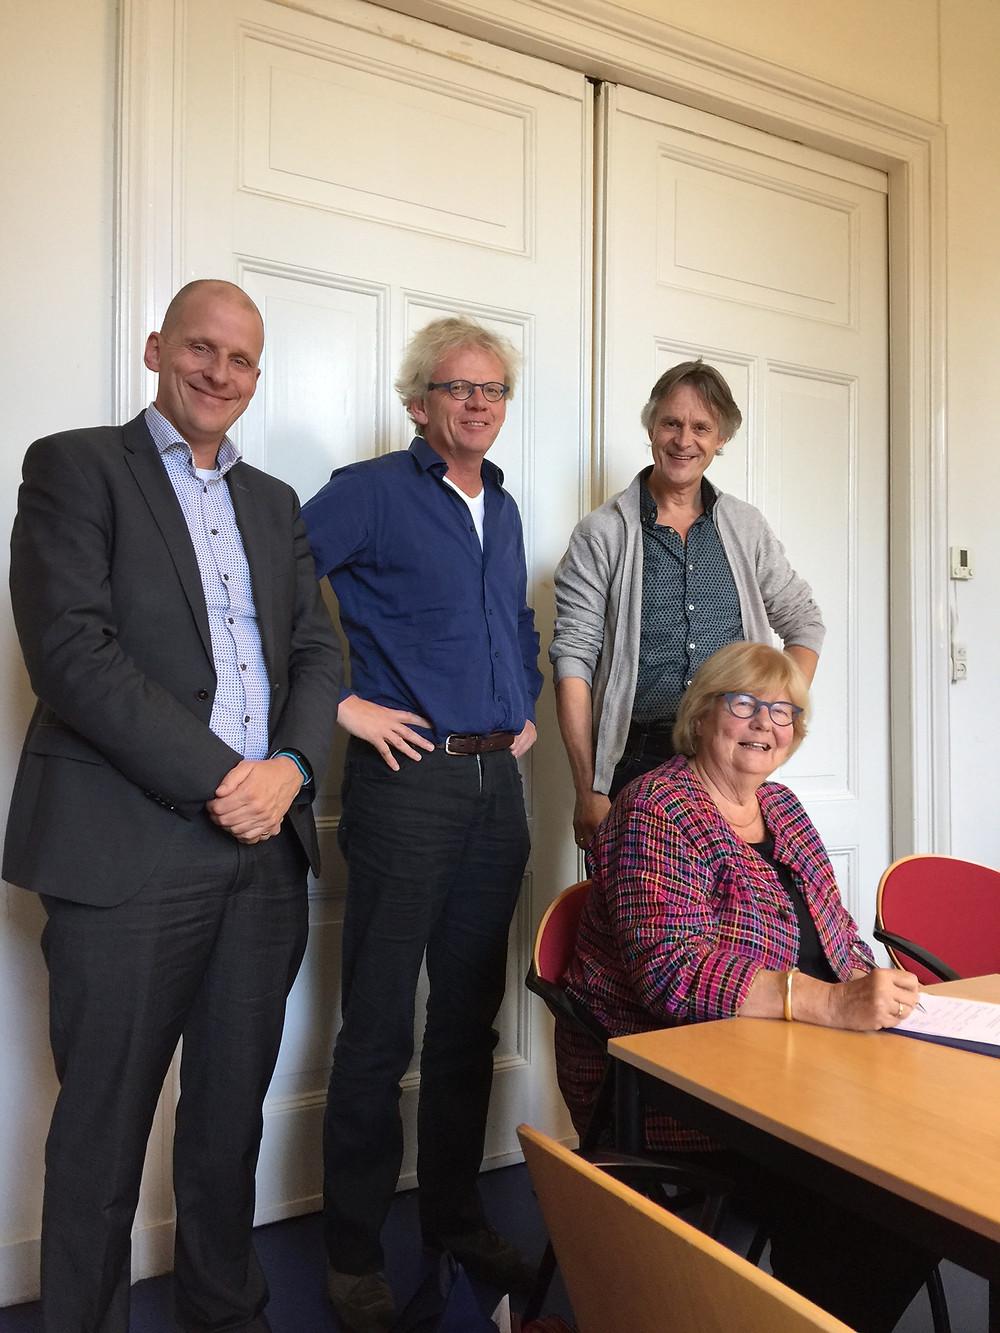 Vlnr: Erik Zigterman (Rabobank), Reinder Hoekstra (NMF), Jaap de Vries (DZyzzion), Noor van Leeuwen (Assen voor Assen)